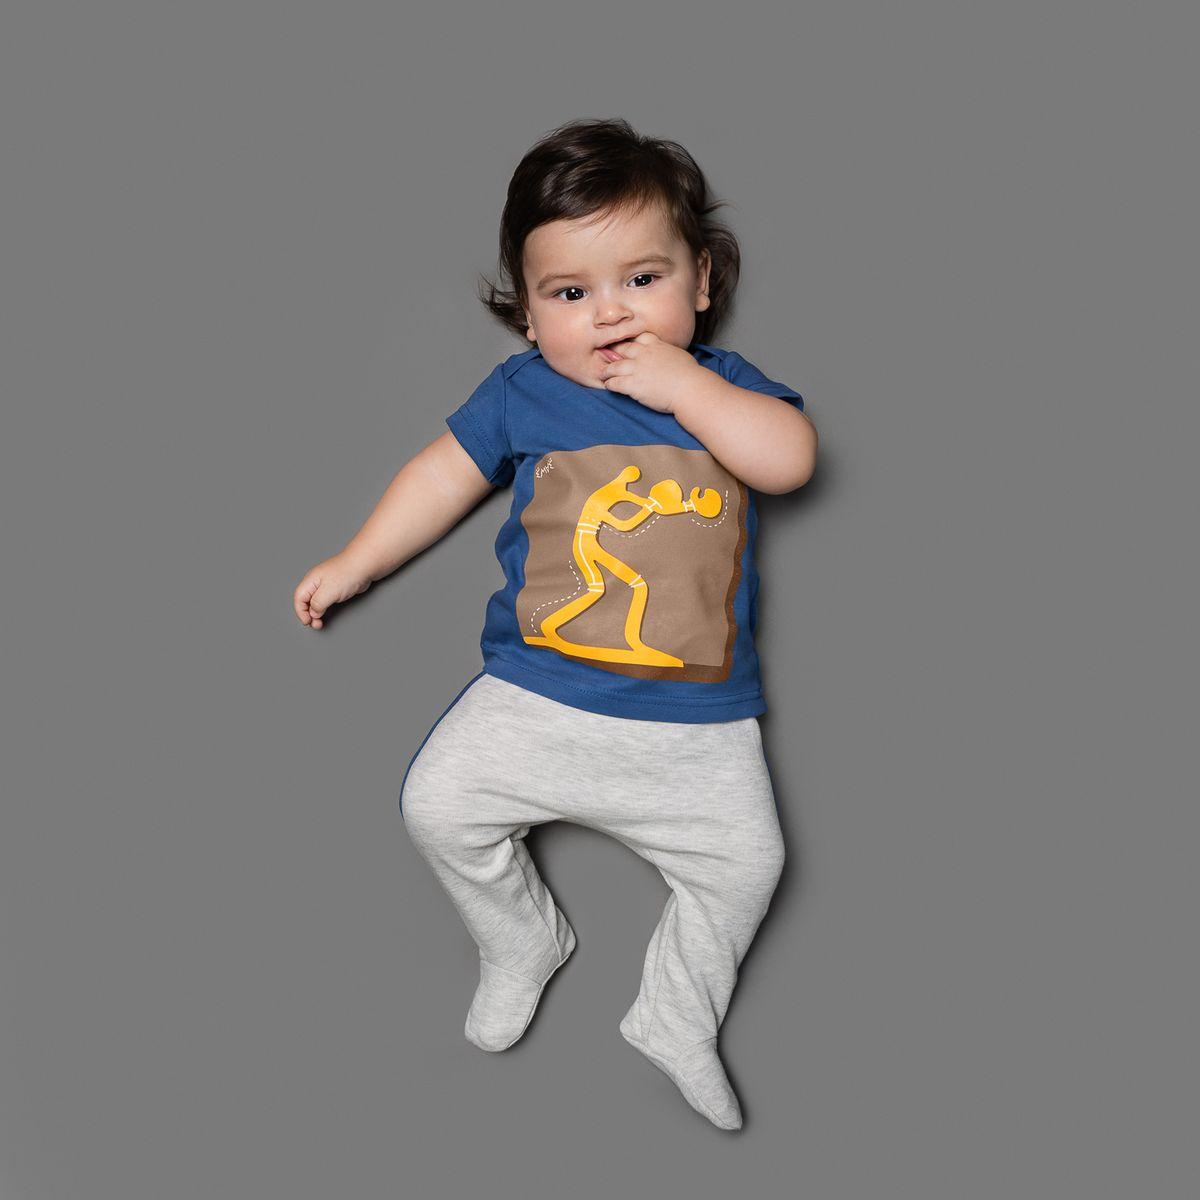 Ползунки26-252Ползунки для мальчика Ёмаё выполнены из натурального хлопка. Модель с закрытыми ножками подходят для ношения с подгузником и без него. На талии они имеют широкую трикотажную резинку, не сжимающую животик ребенка. Ползунки оформлены контрастными лампасами.